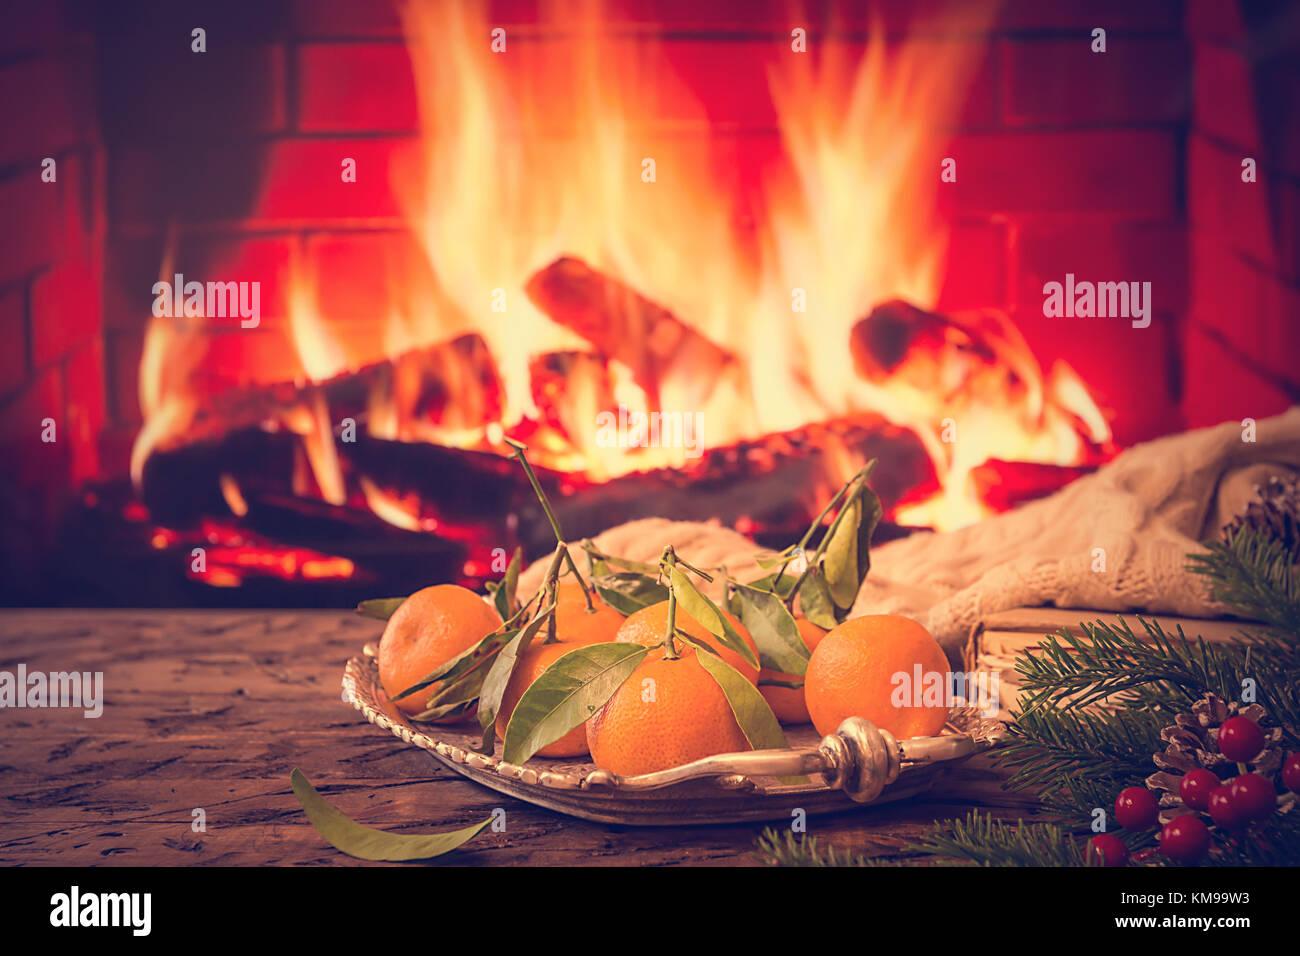 Tannenbaum Buch.Fach Mit Mandarine Buch Warme Decke Und Tannenbaum Auf Hölzernen